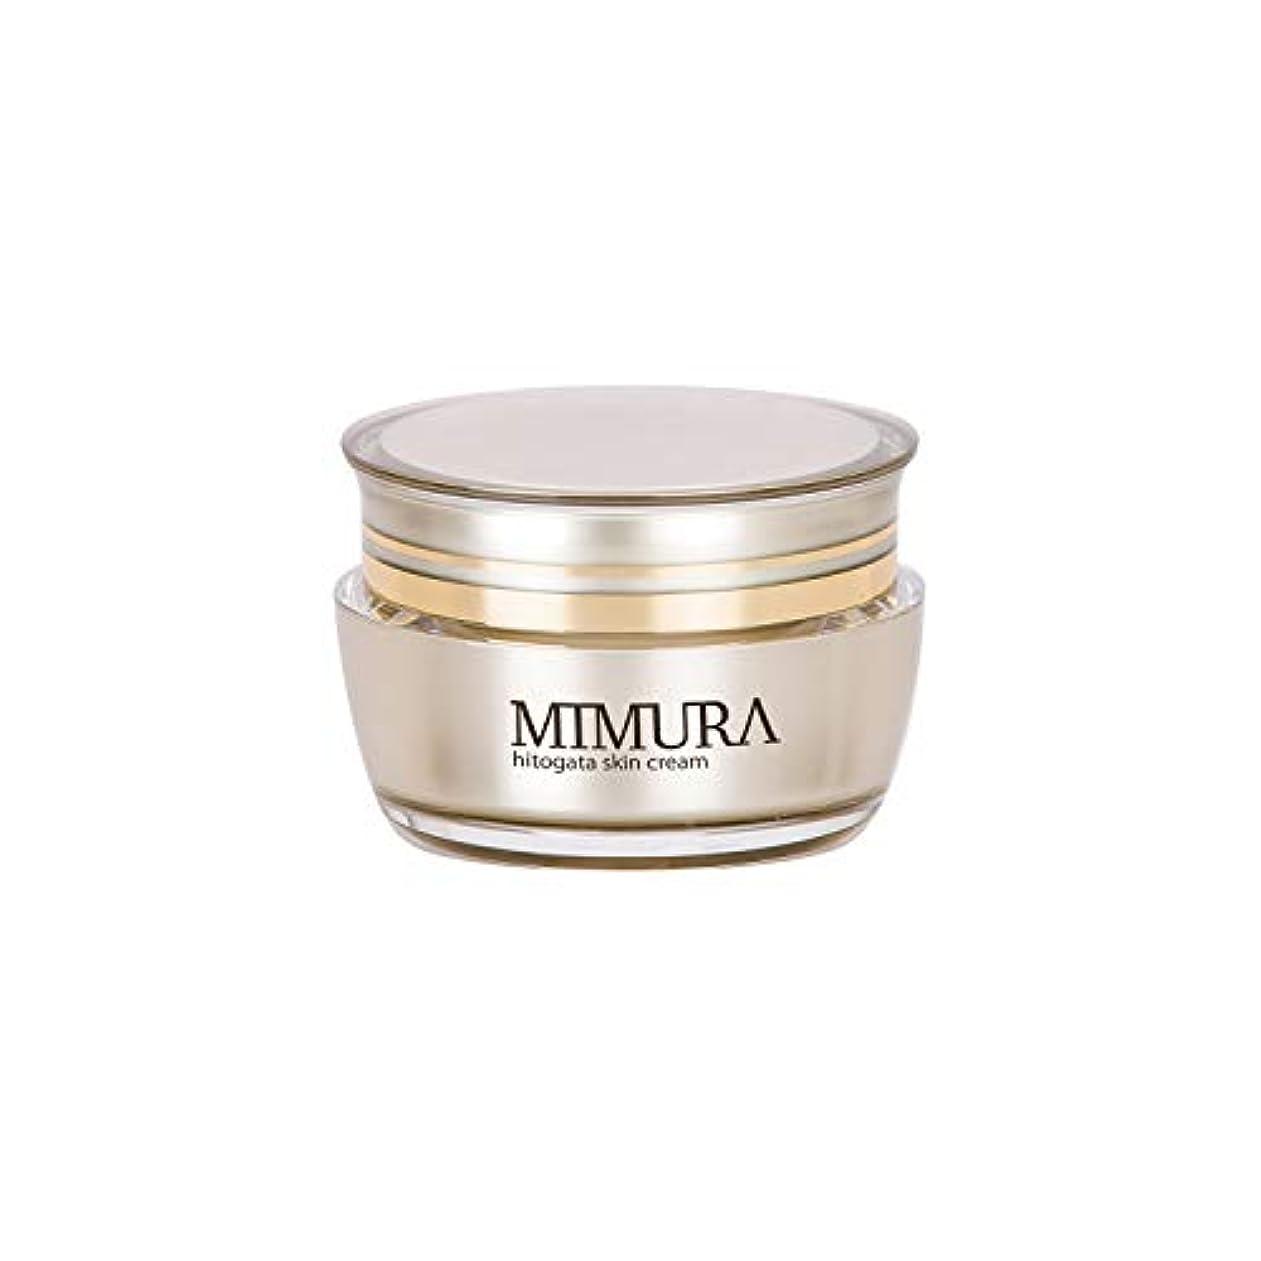 優越呼吸ヒト幹細胞 保湿クリーム ナノ キューブ ミムラ hitogata スキン クリーム 30g MIMURA 日本製